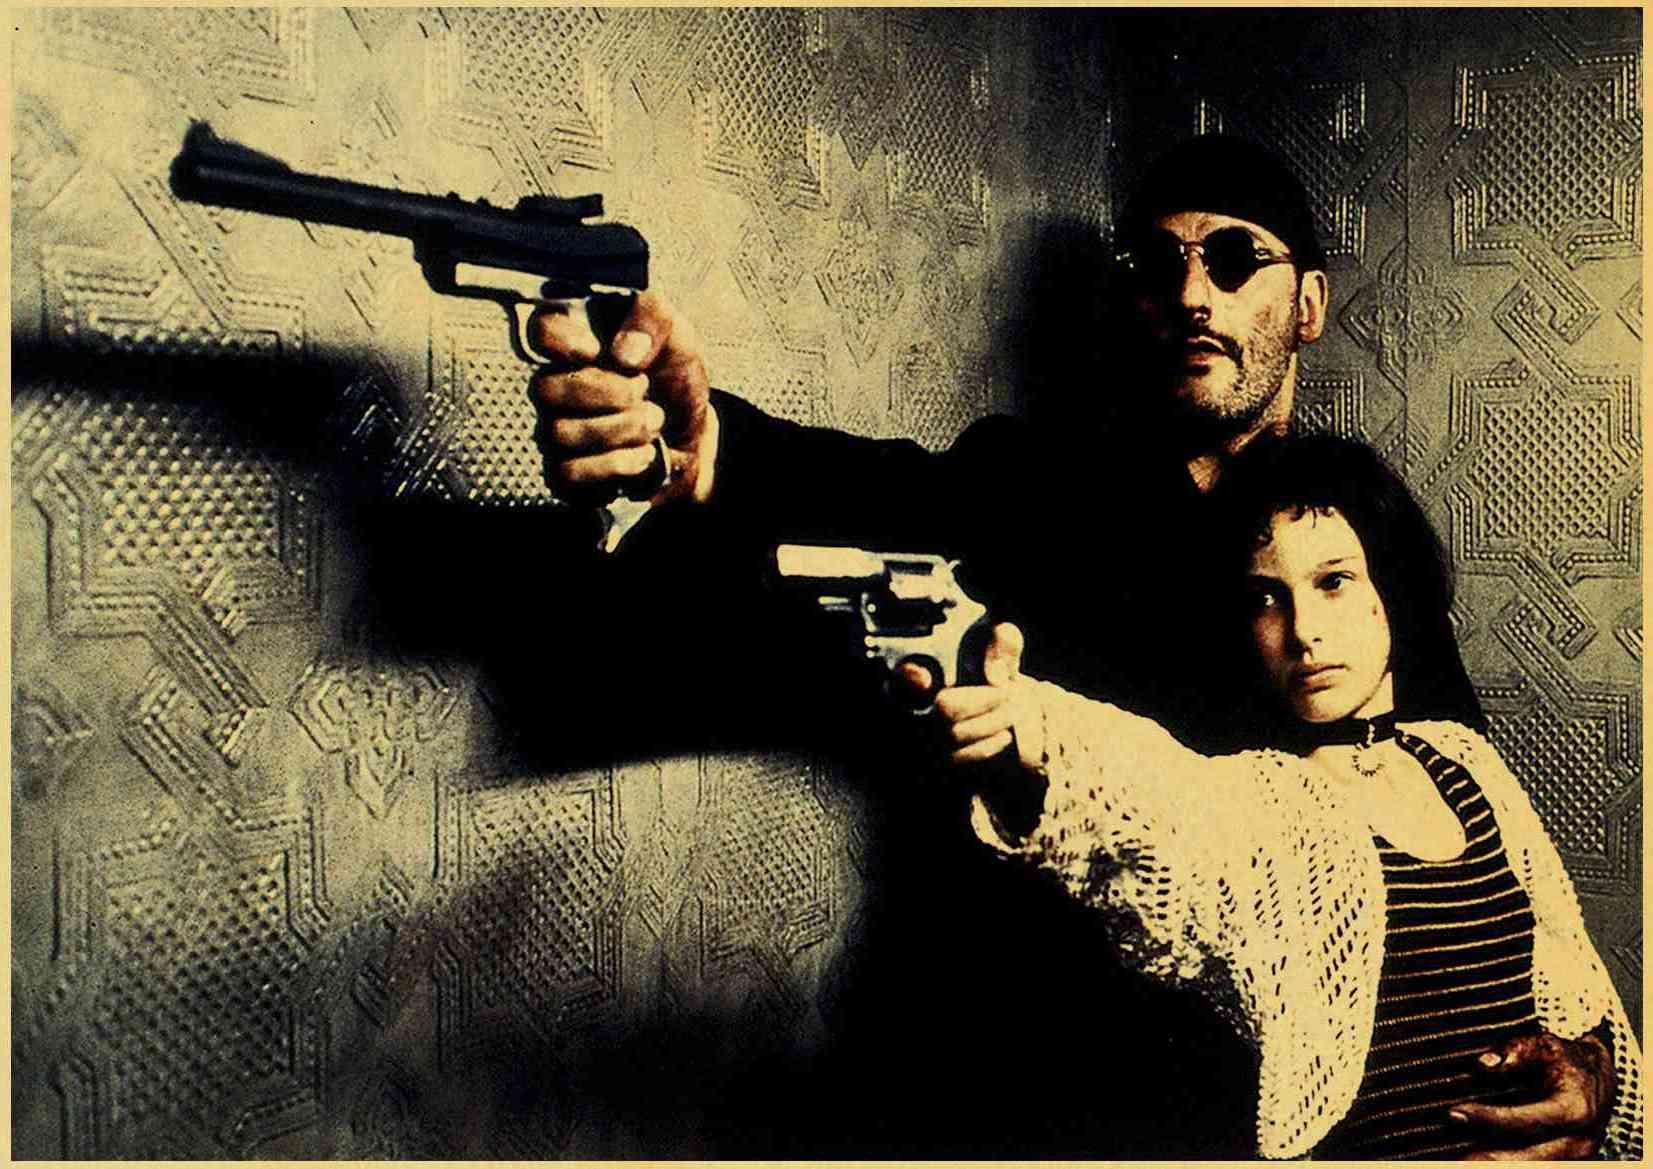 Классический фильм Бойцовский клуб/мякоть фантастика/Сияющий/Убить Билла плакат винтажный плакат на стену наклейки для гостиной украшение дома - Цвет: D116